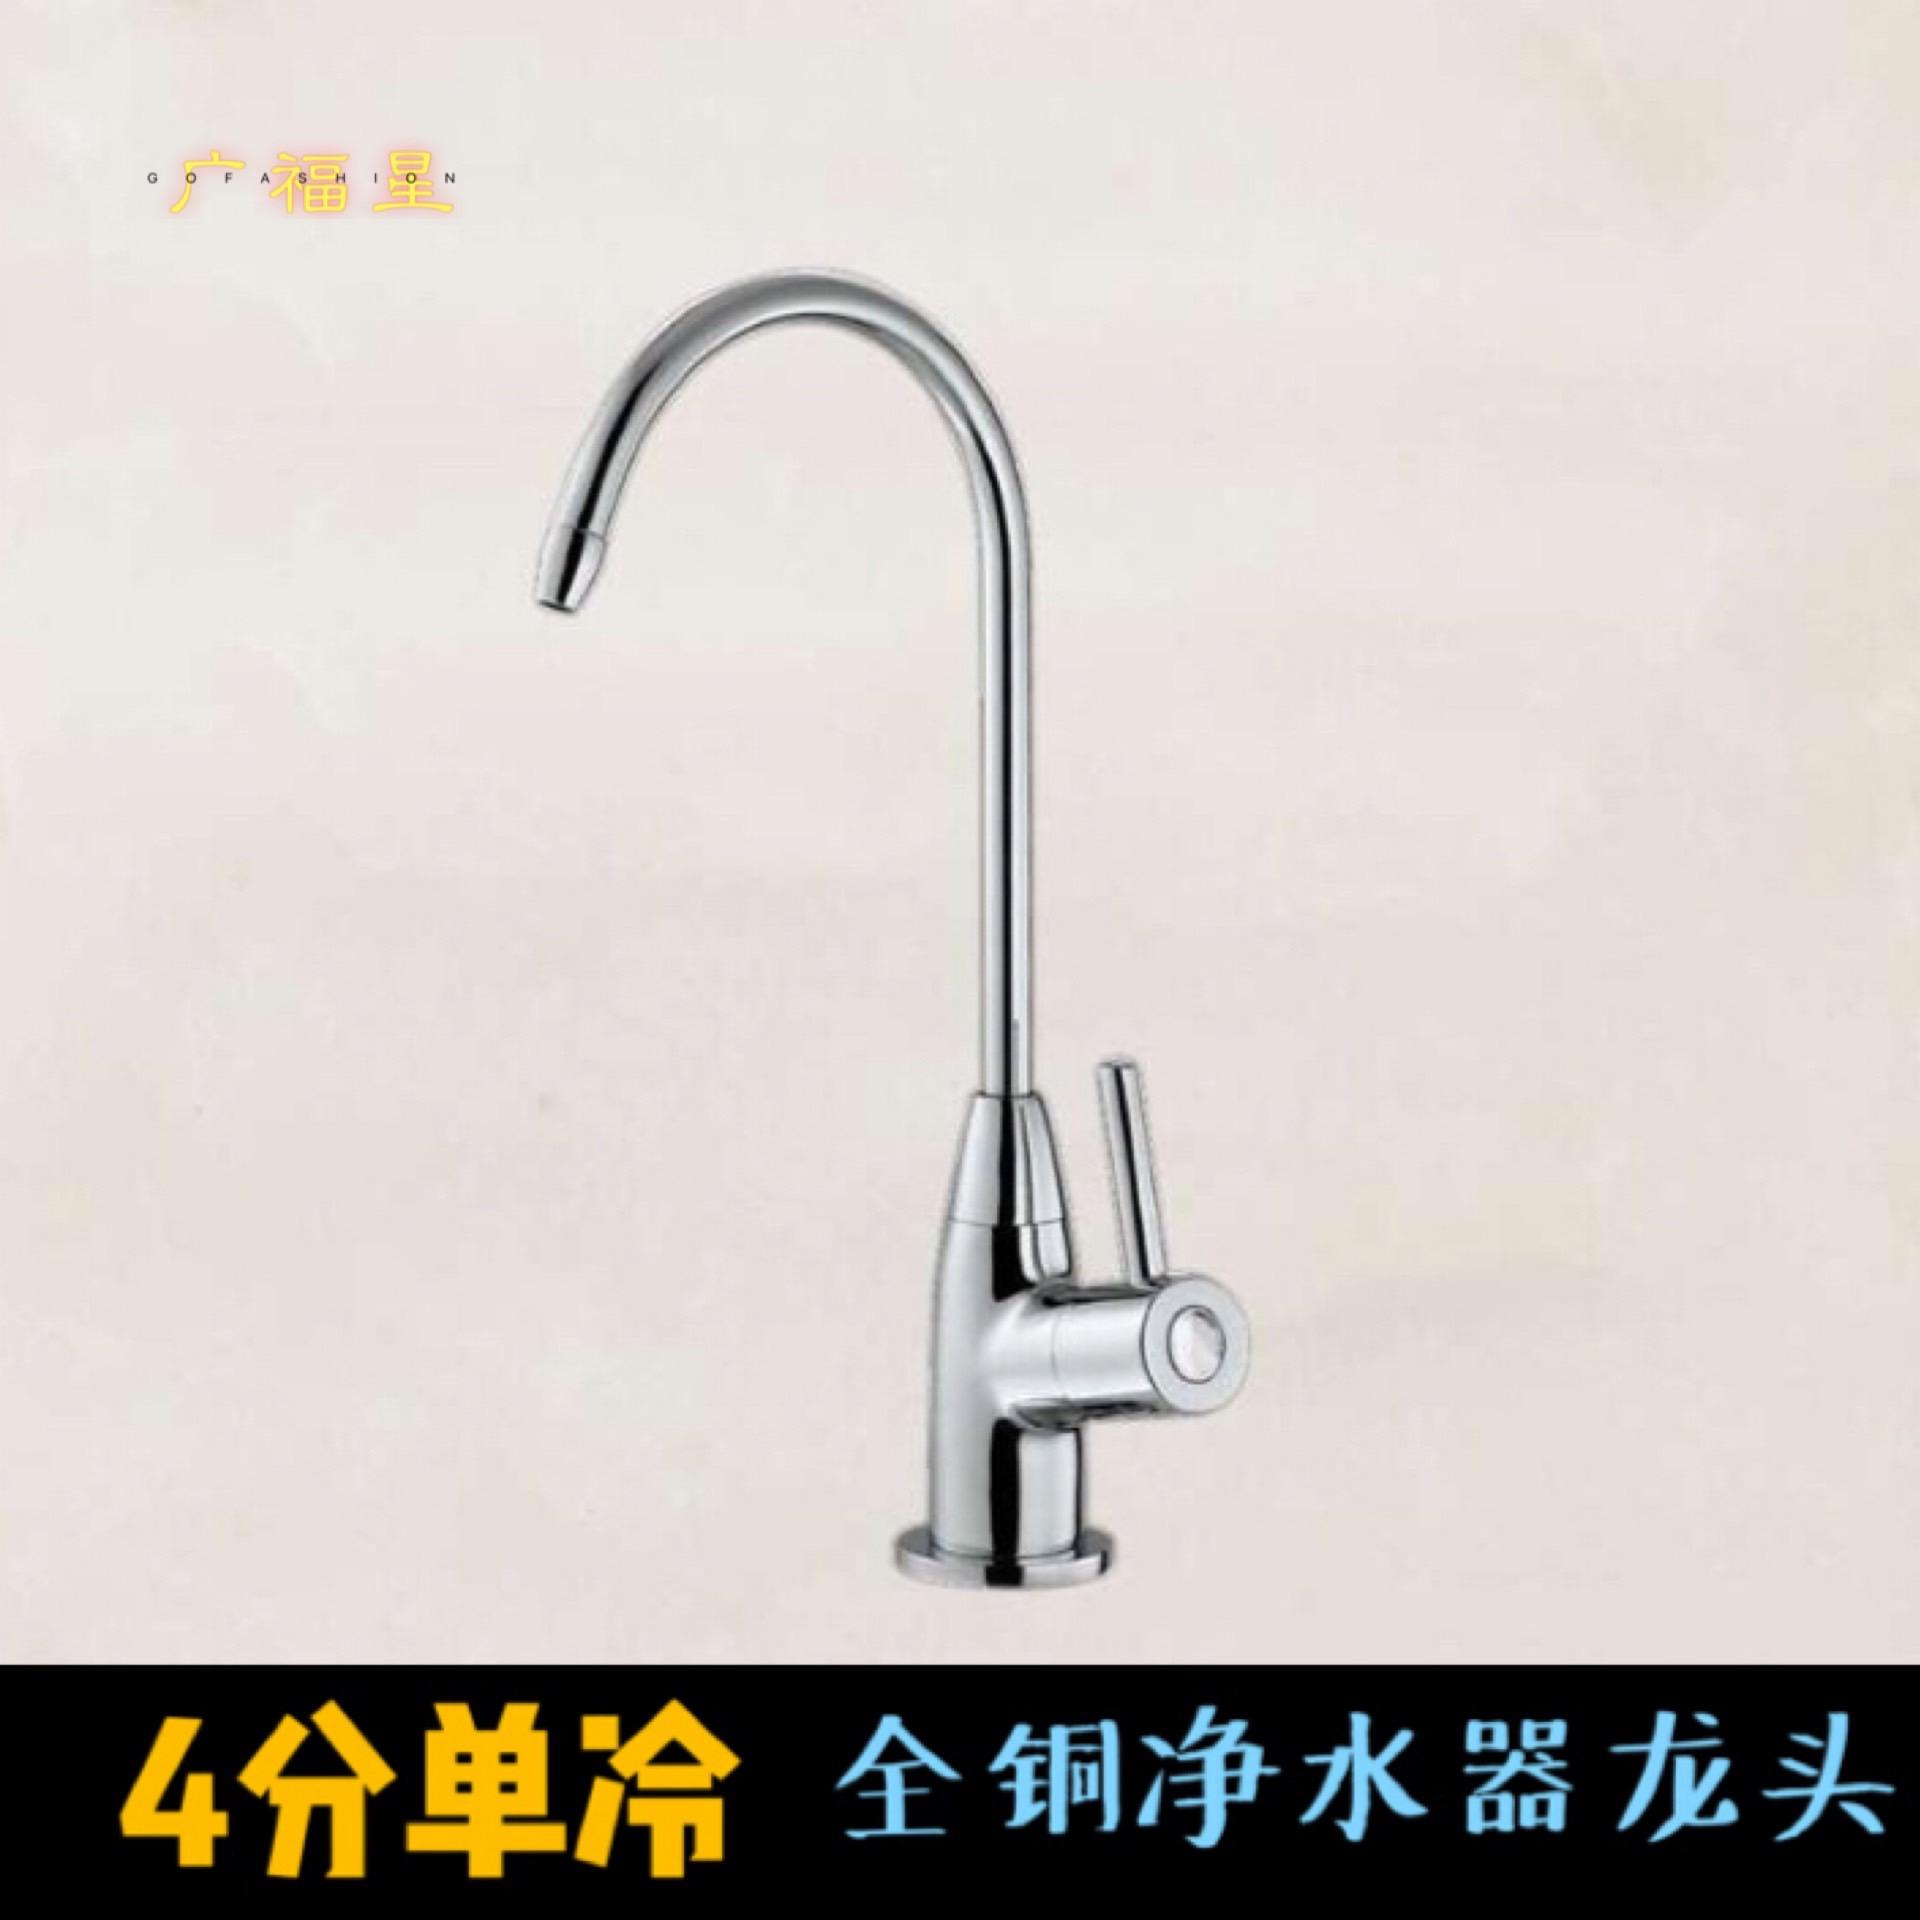 Аксессуары для водоочистителей и кулеров Артикул 561091506388